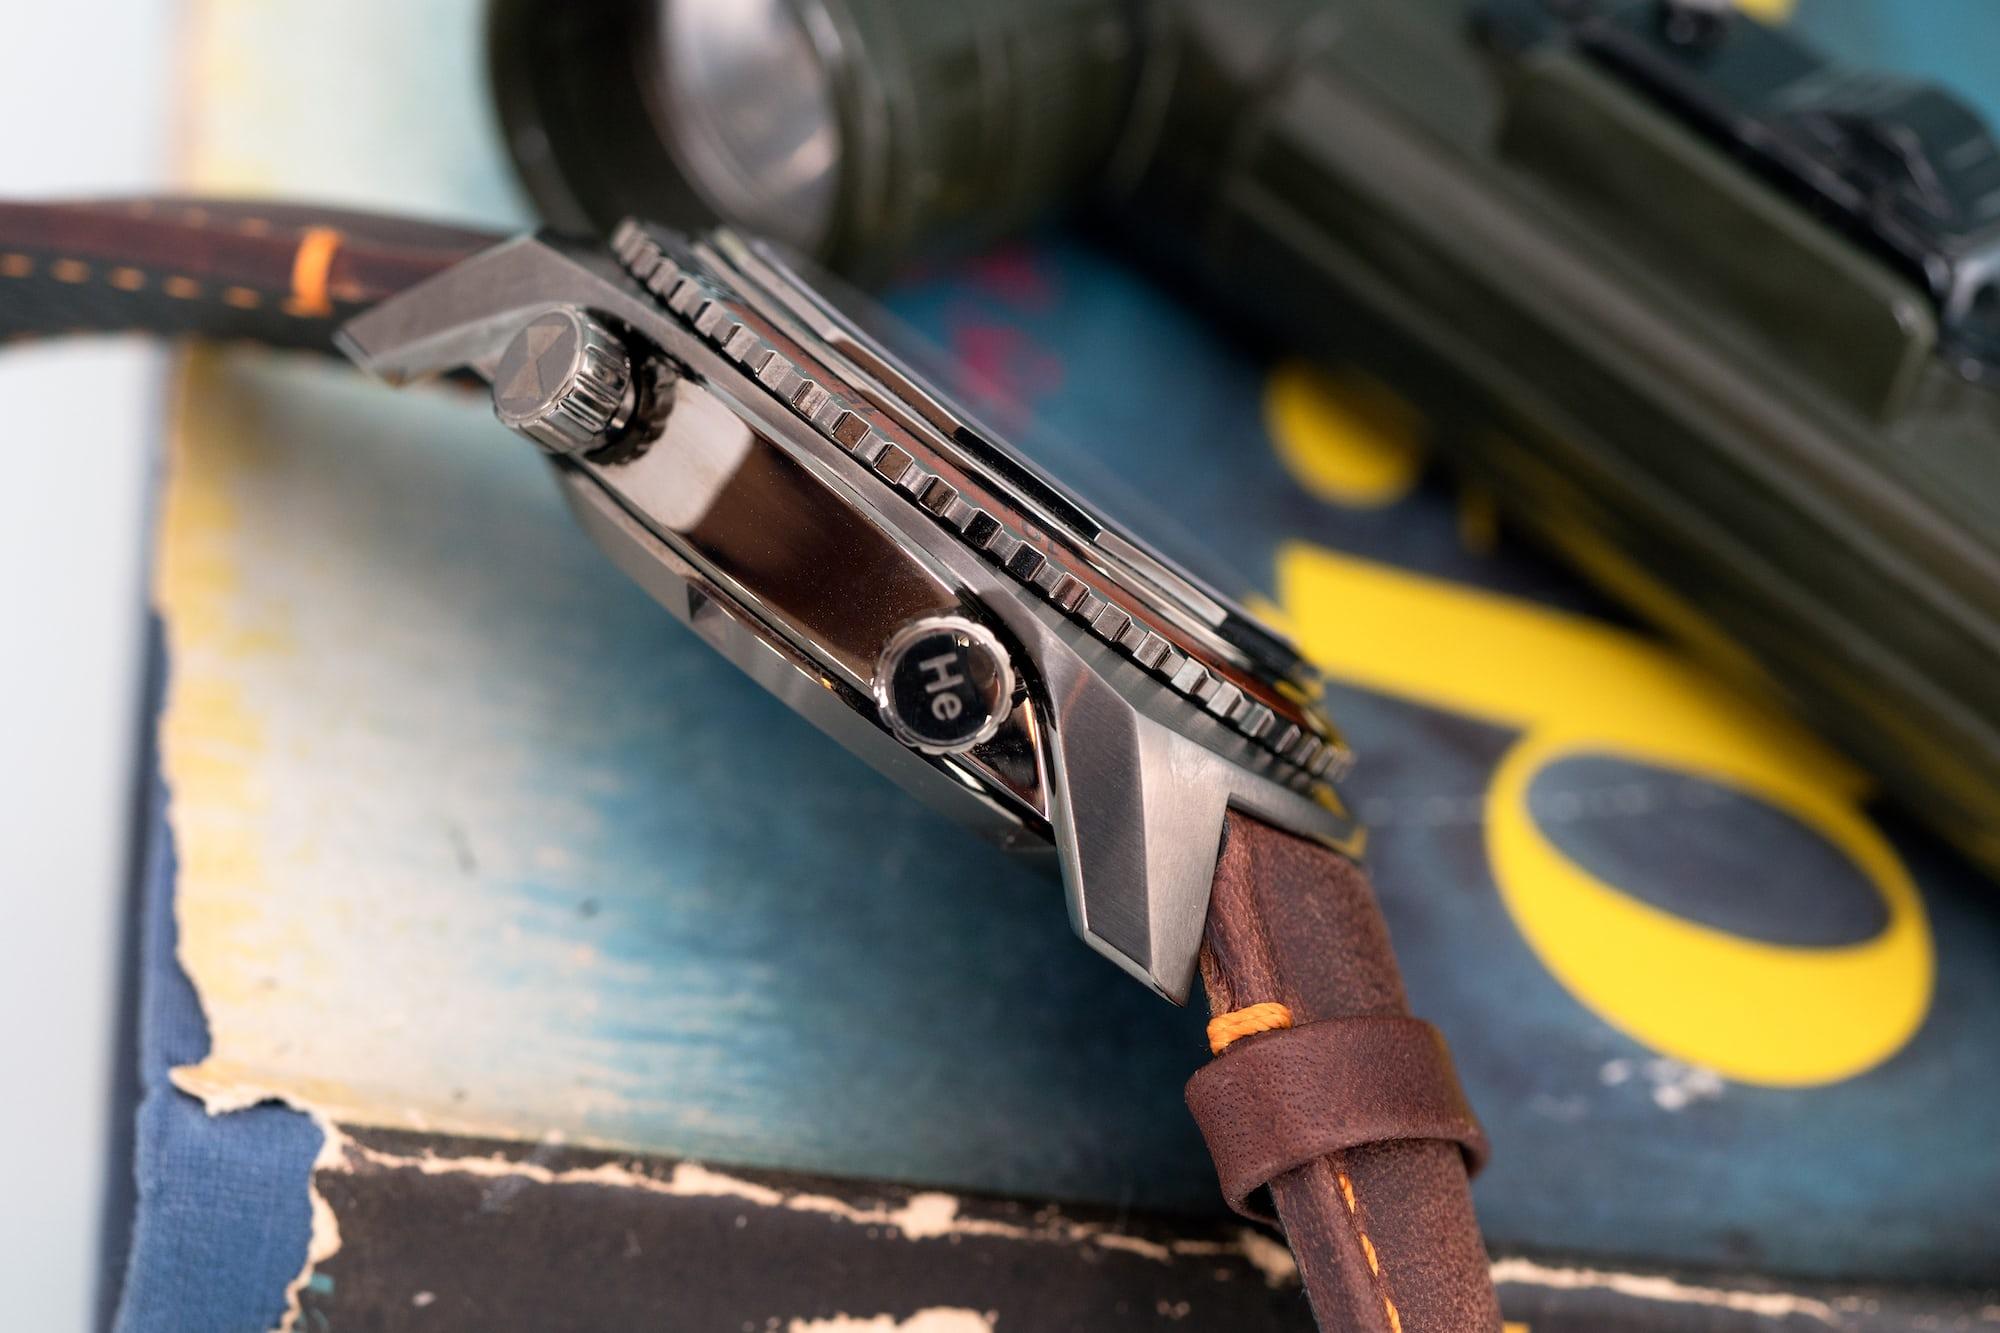 Favre-Leuba Raider Harpoon case flank Hands-On: The Favre-Leuba Raider Harpoon (With An Ingenious Time Display System) Hands-On: The Favre-Leuba Raider Harpoon (With An Ingenious Time Display System) P7240468